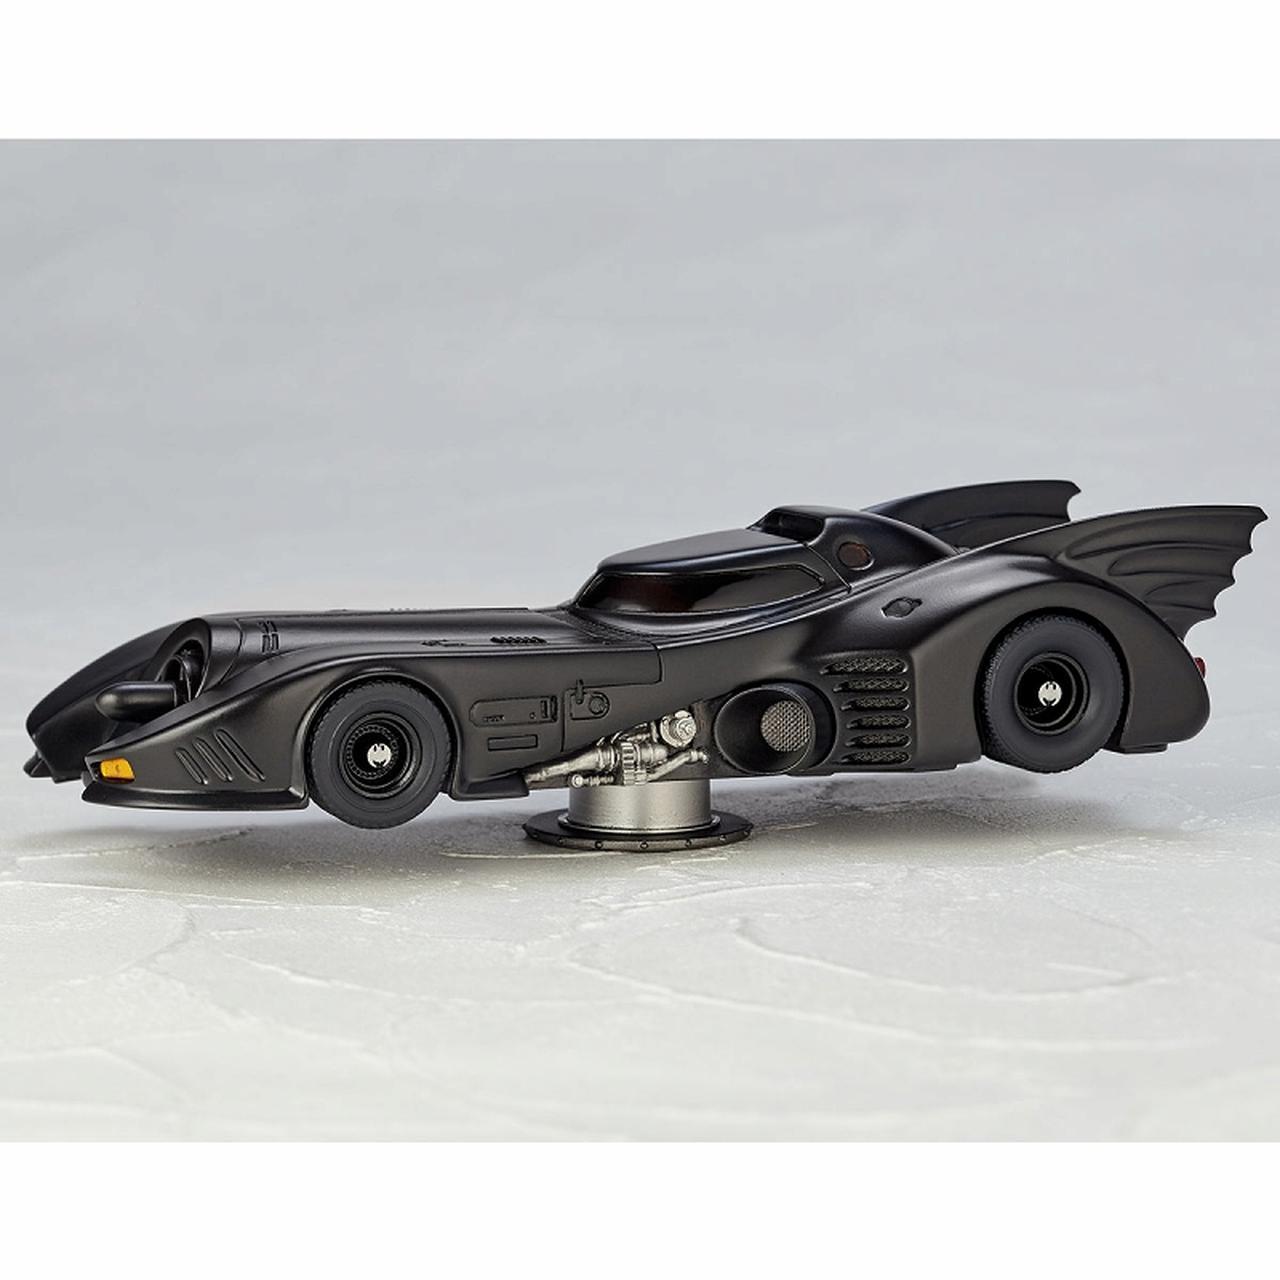 画像7: ティム・バートン監督作「バットマン」よりゴシック風デザイン、美しい流線型フォルを忠実に再現したバットモービルが発売!